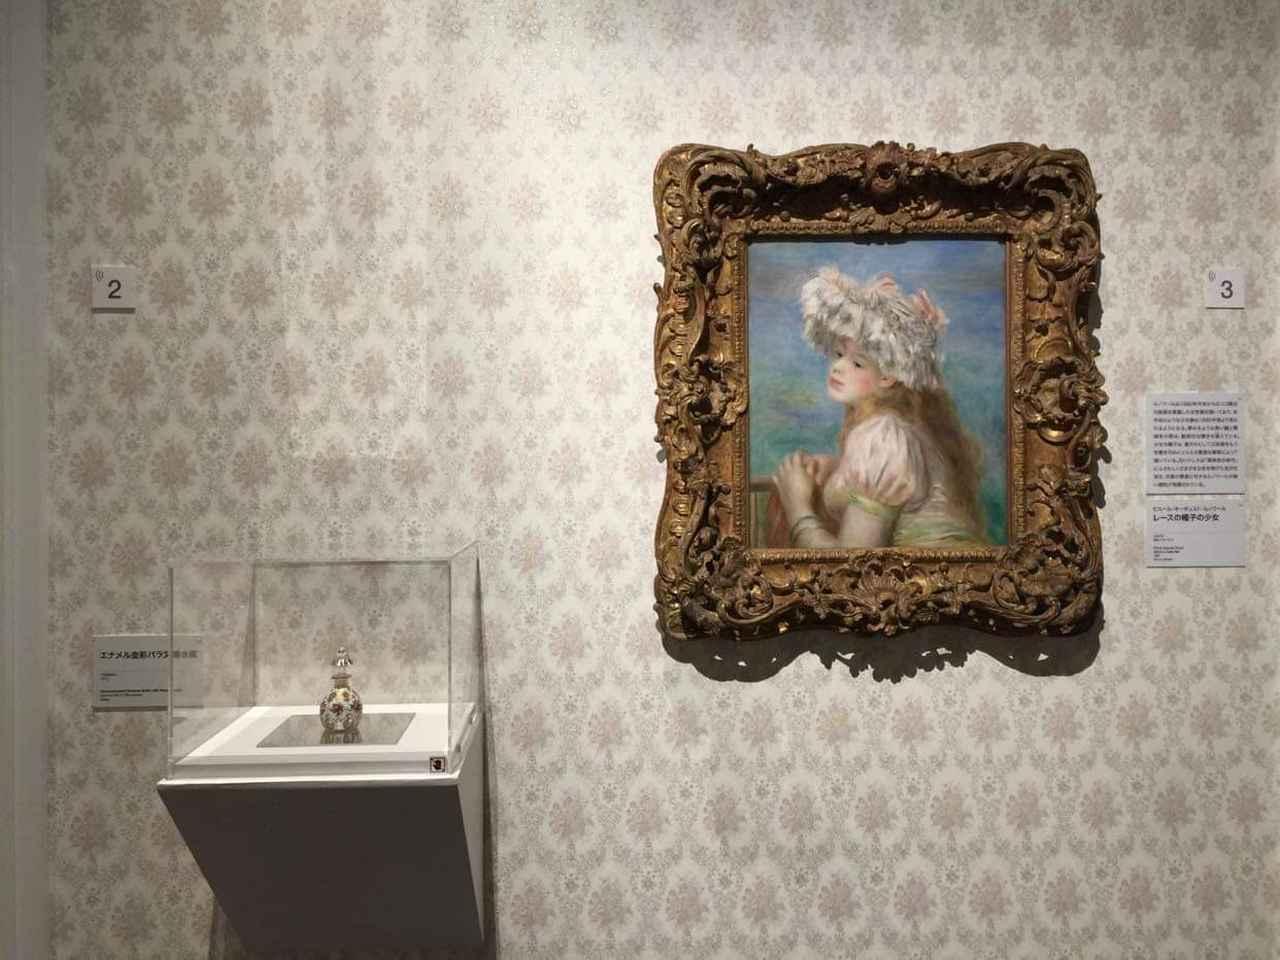 画像: ピエール・オーギュスト・ルノワール《レースの帽子の少女》 1891年  油彩/カンヴァス  ポーラ美術館蔵 photo by © cinefil